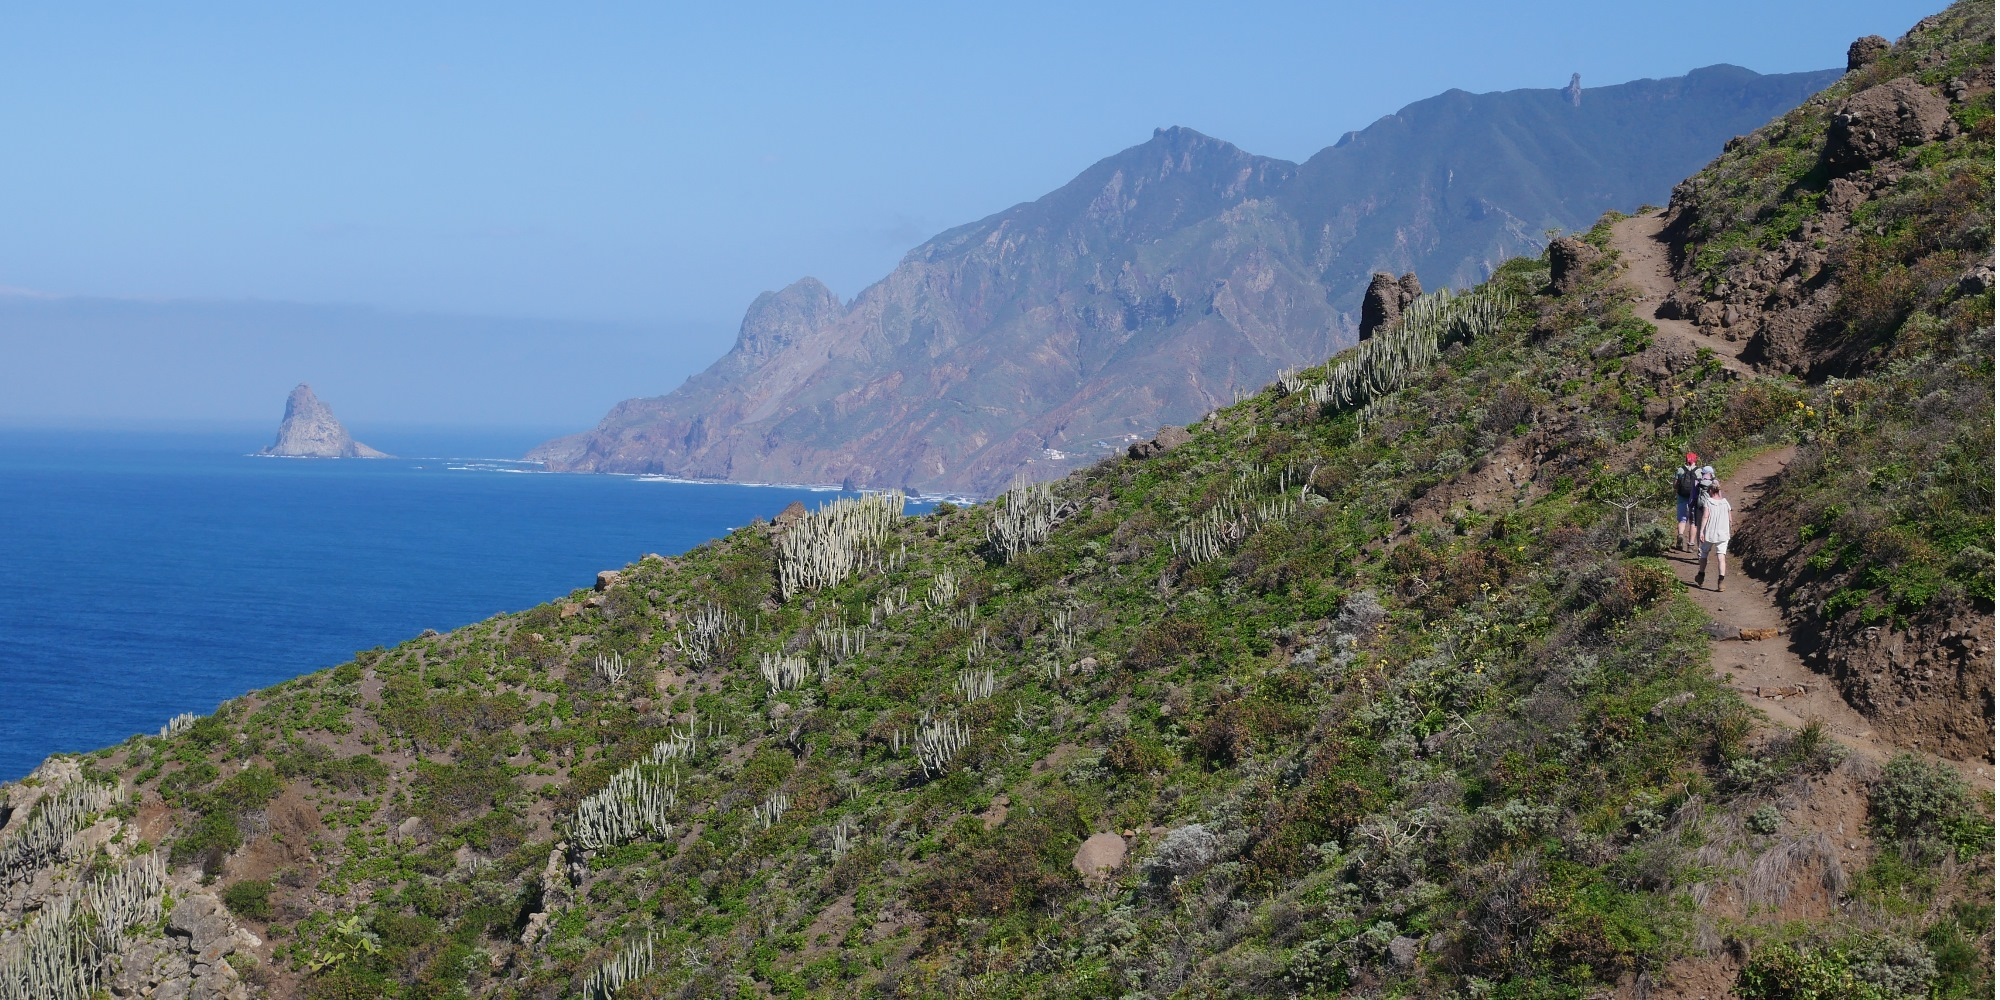 Wandern entlang der Steilküste im Anaga-Gebiet